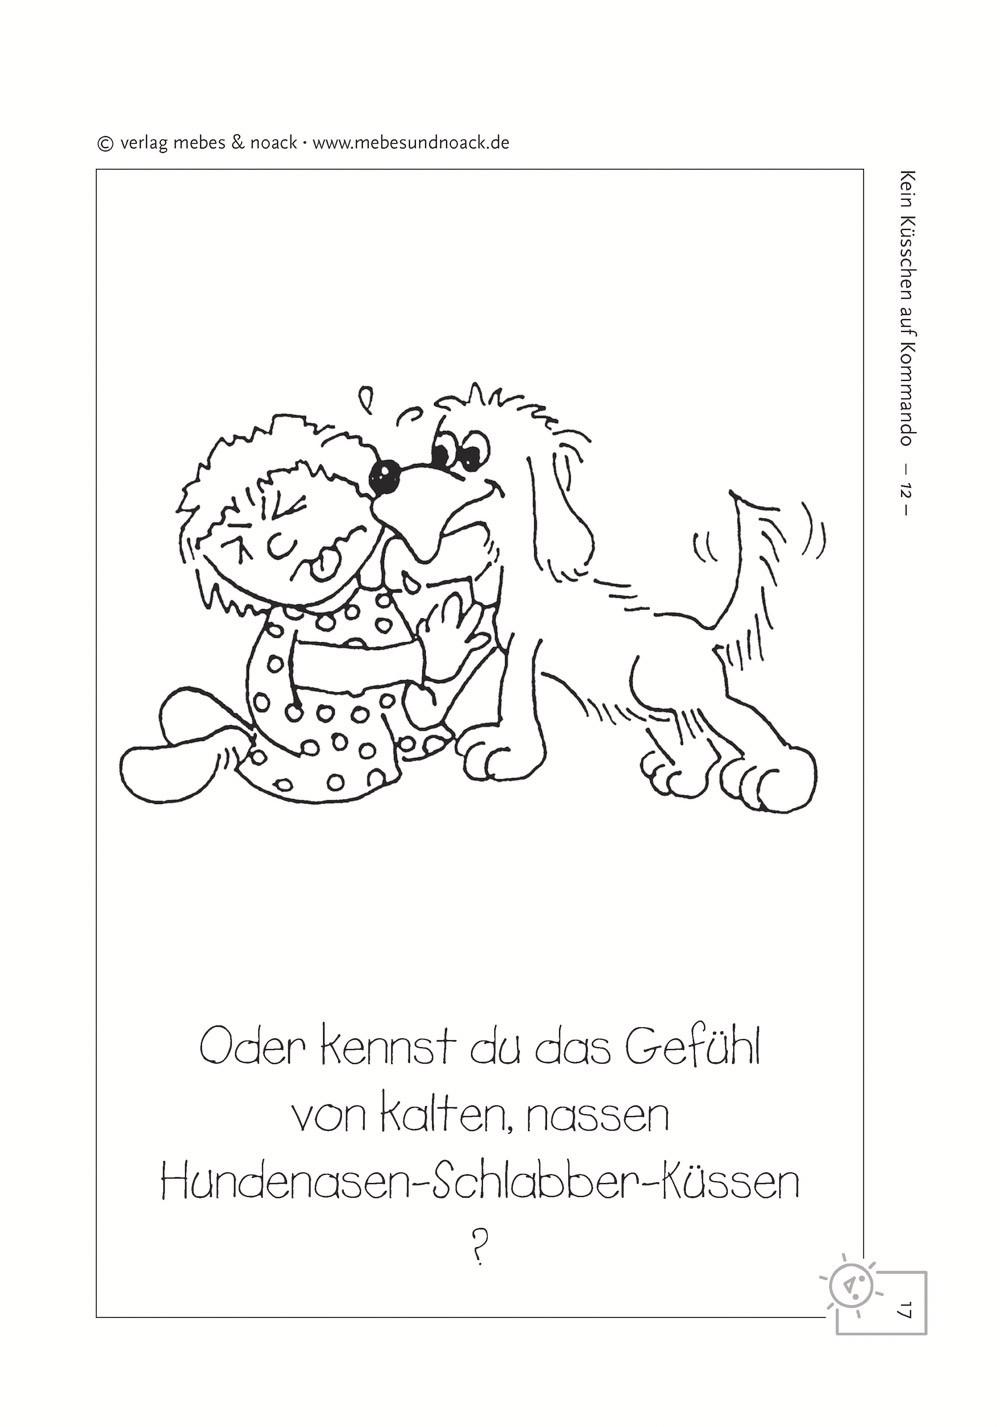 Ritter Rost Ausmalbild Genial News Archiv Die Fachseite Für Erzieher Innen Galerie